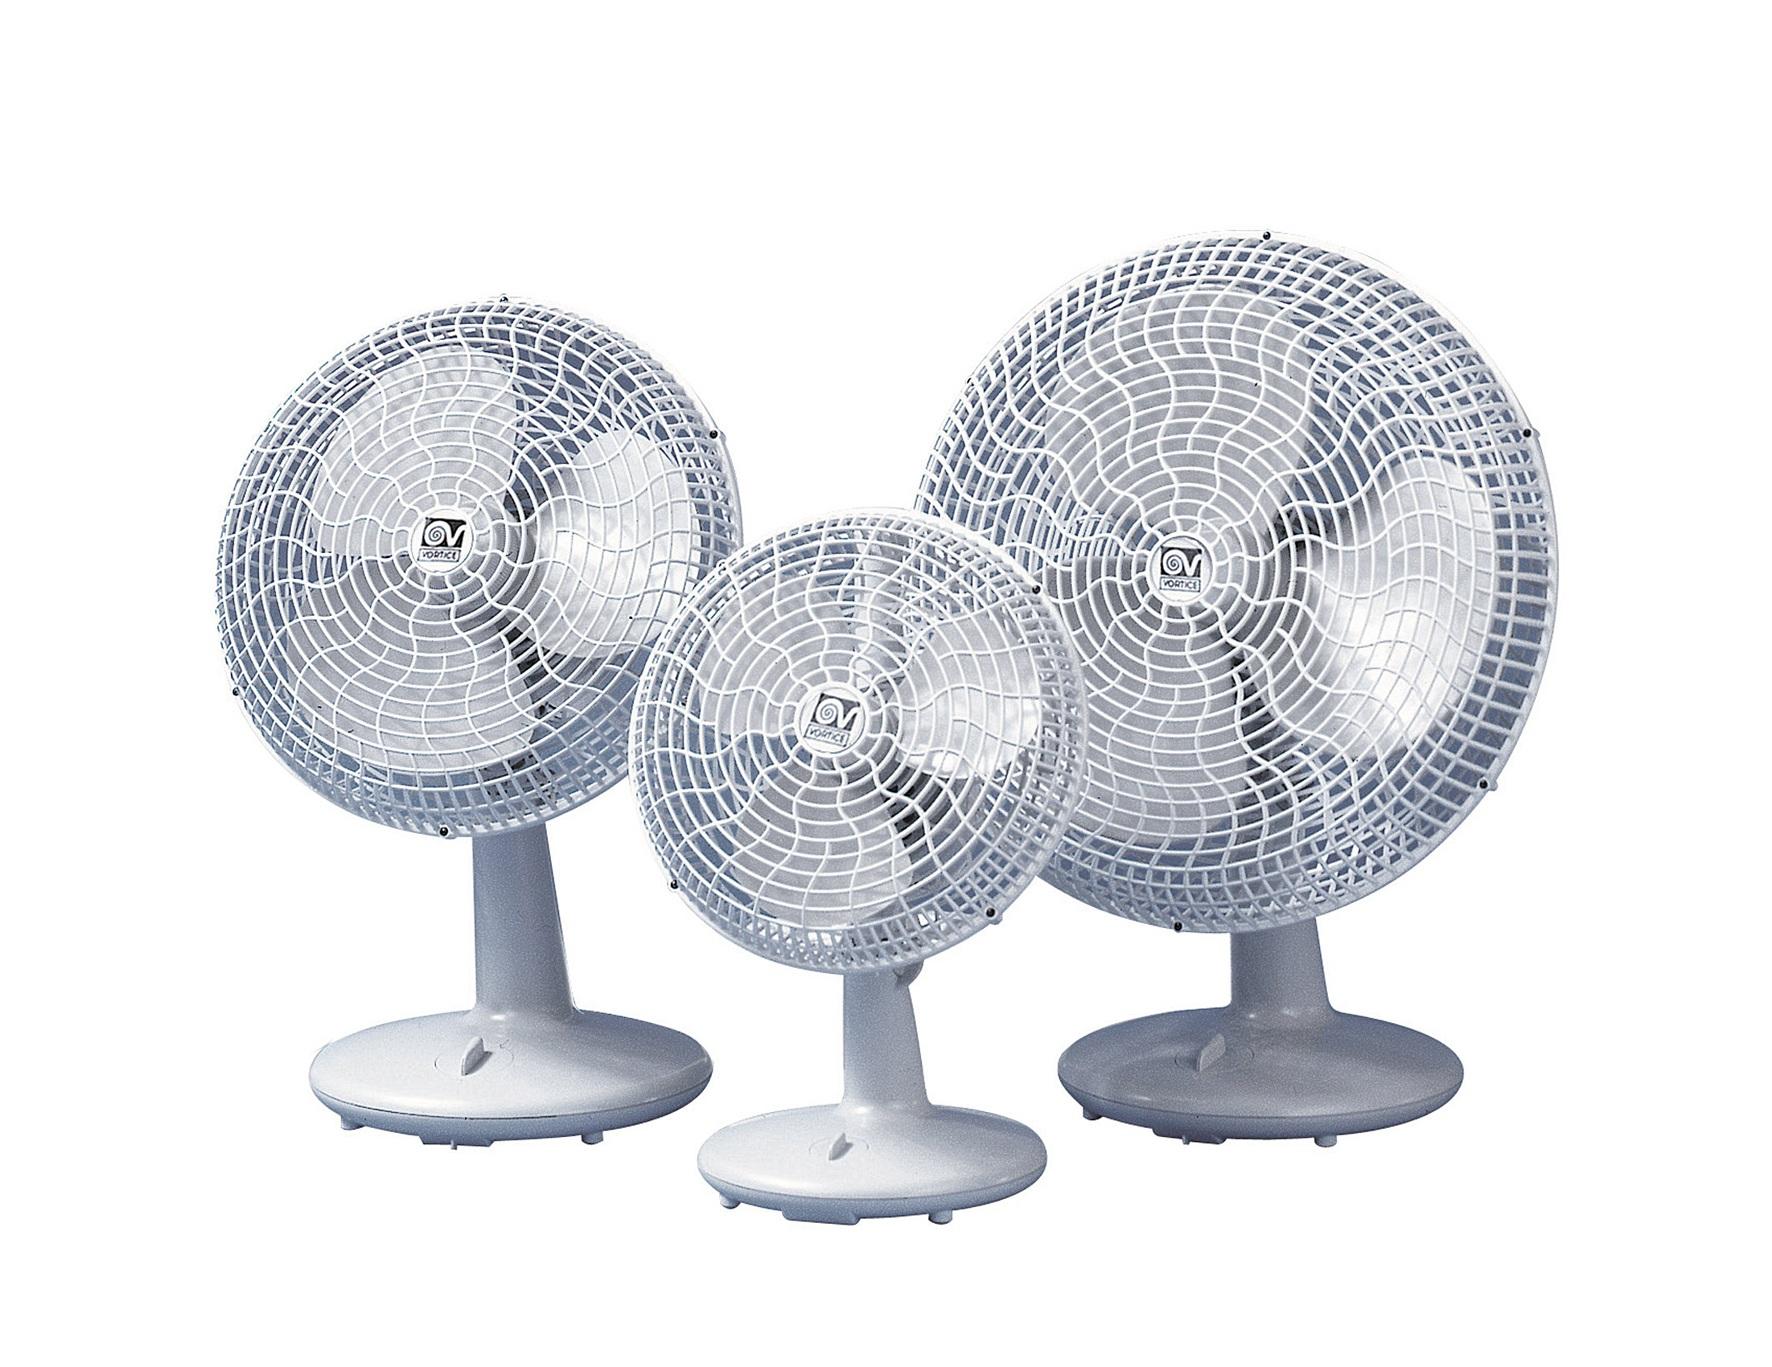 Vortice ventilatore gordon da tavolo piccolipiaceri press news - Ventilatore da tavolo usb ...